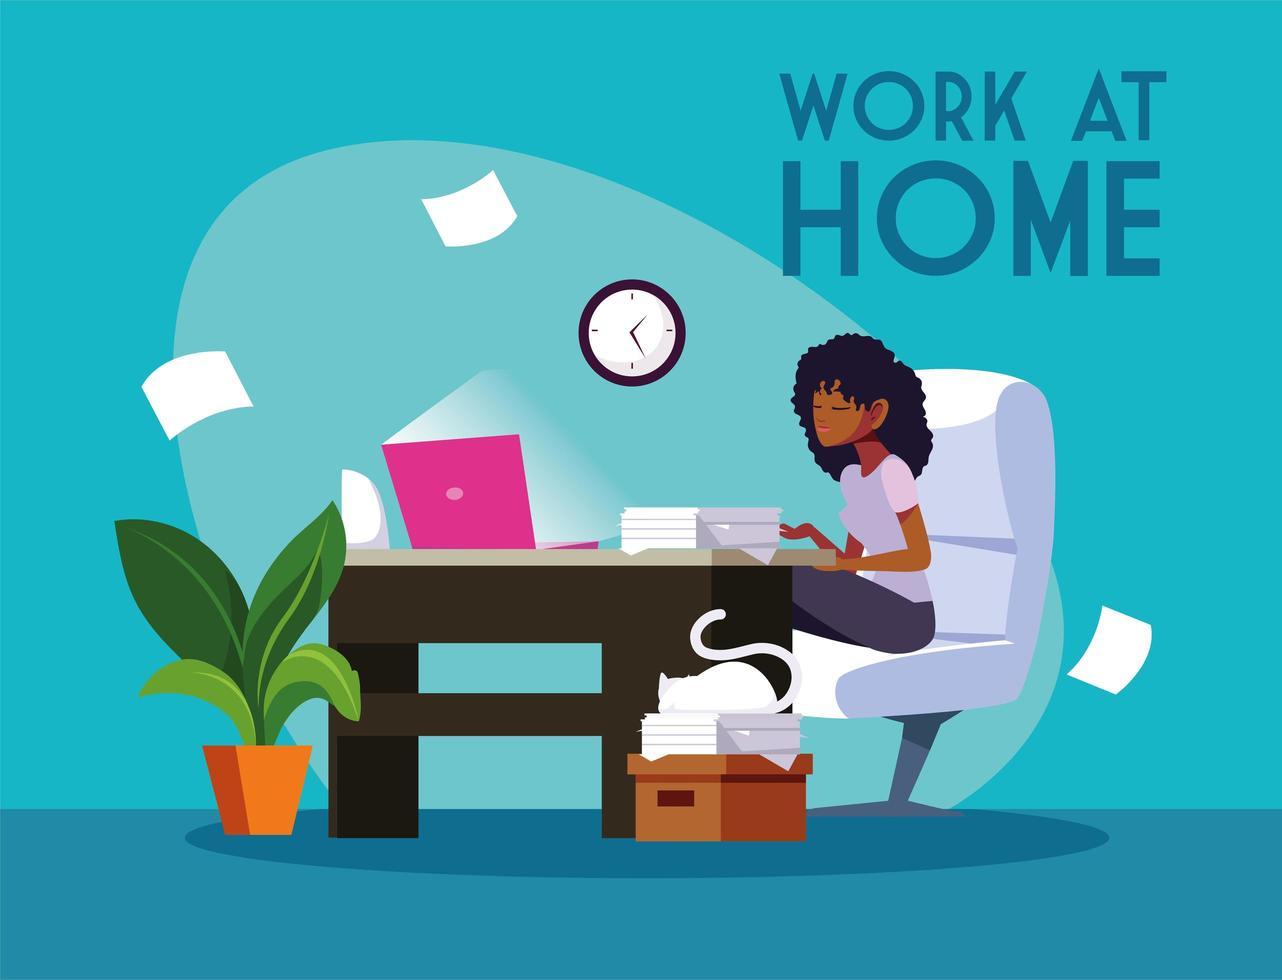 giovane donna libera professionista che lavora alla scrivania da casa vettore